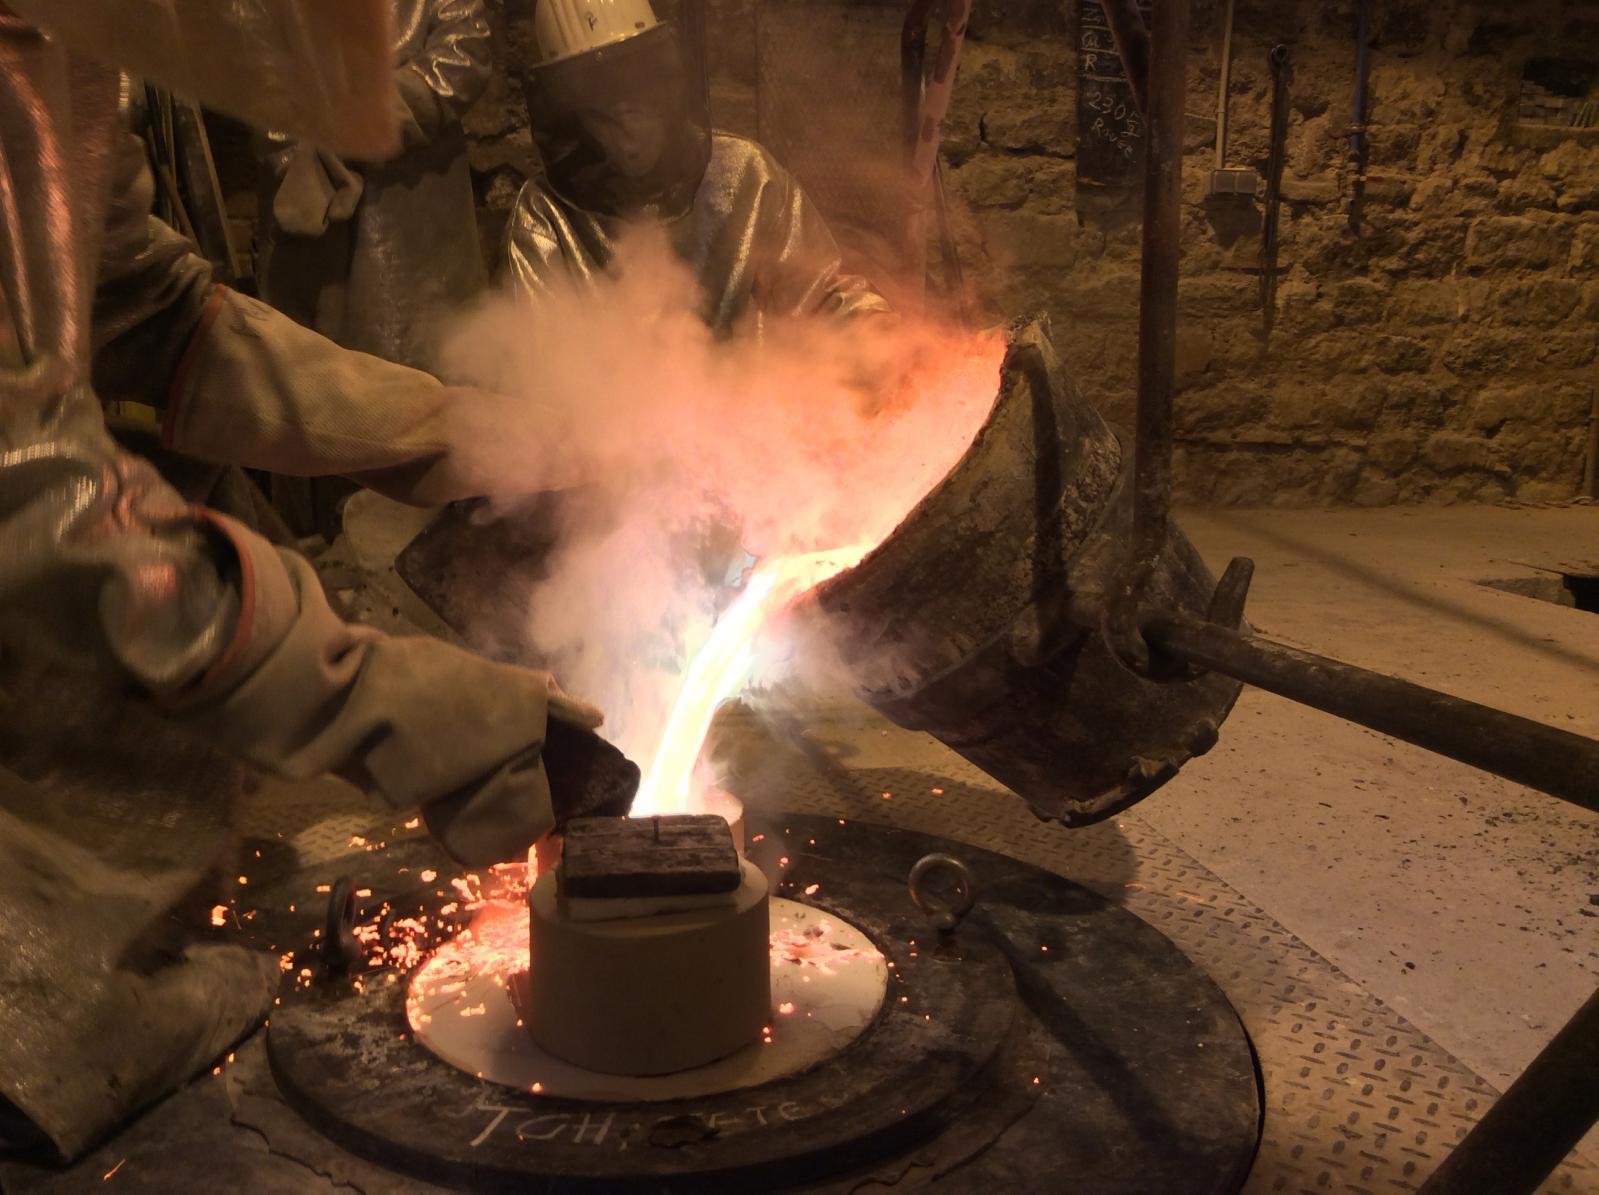 La coulée du métal. Le bronze en fusion, à 1100°C, est versé dans le moule en quelques secondes. Cette étape doit s'effectuer en une foi